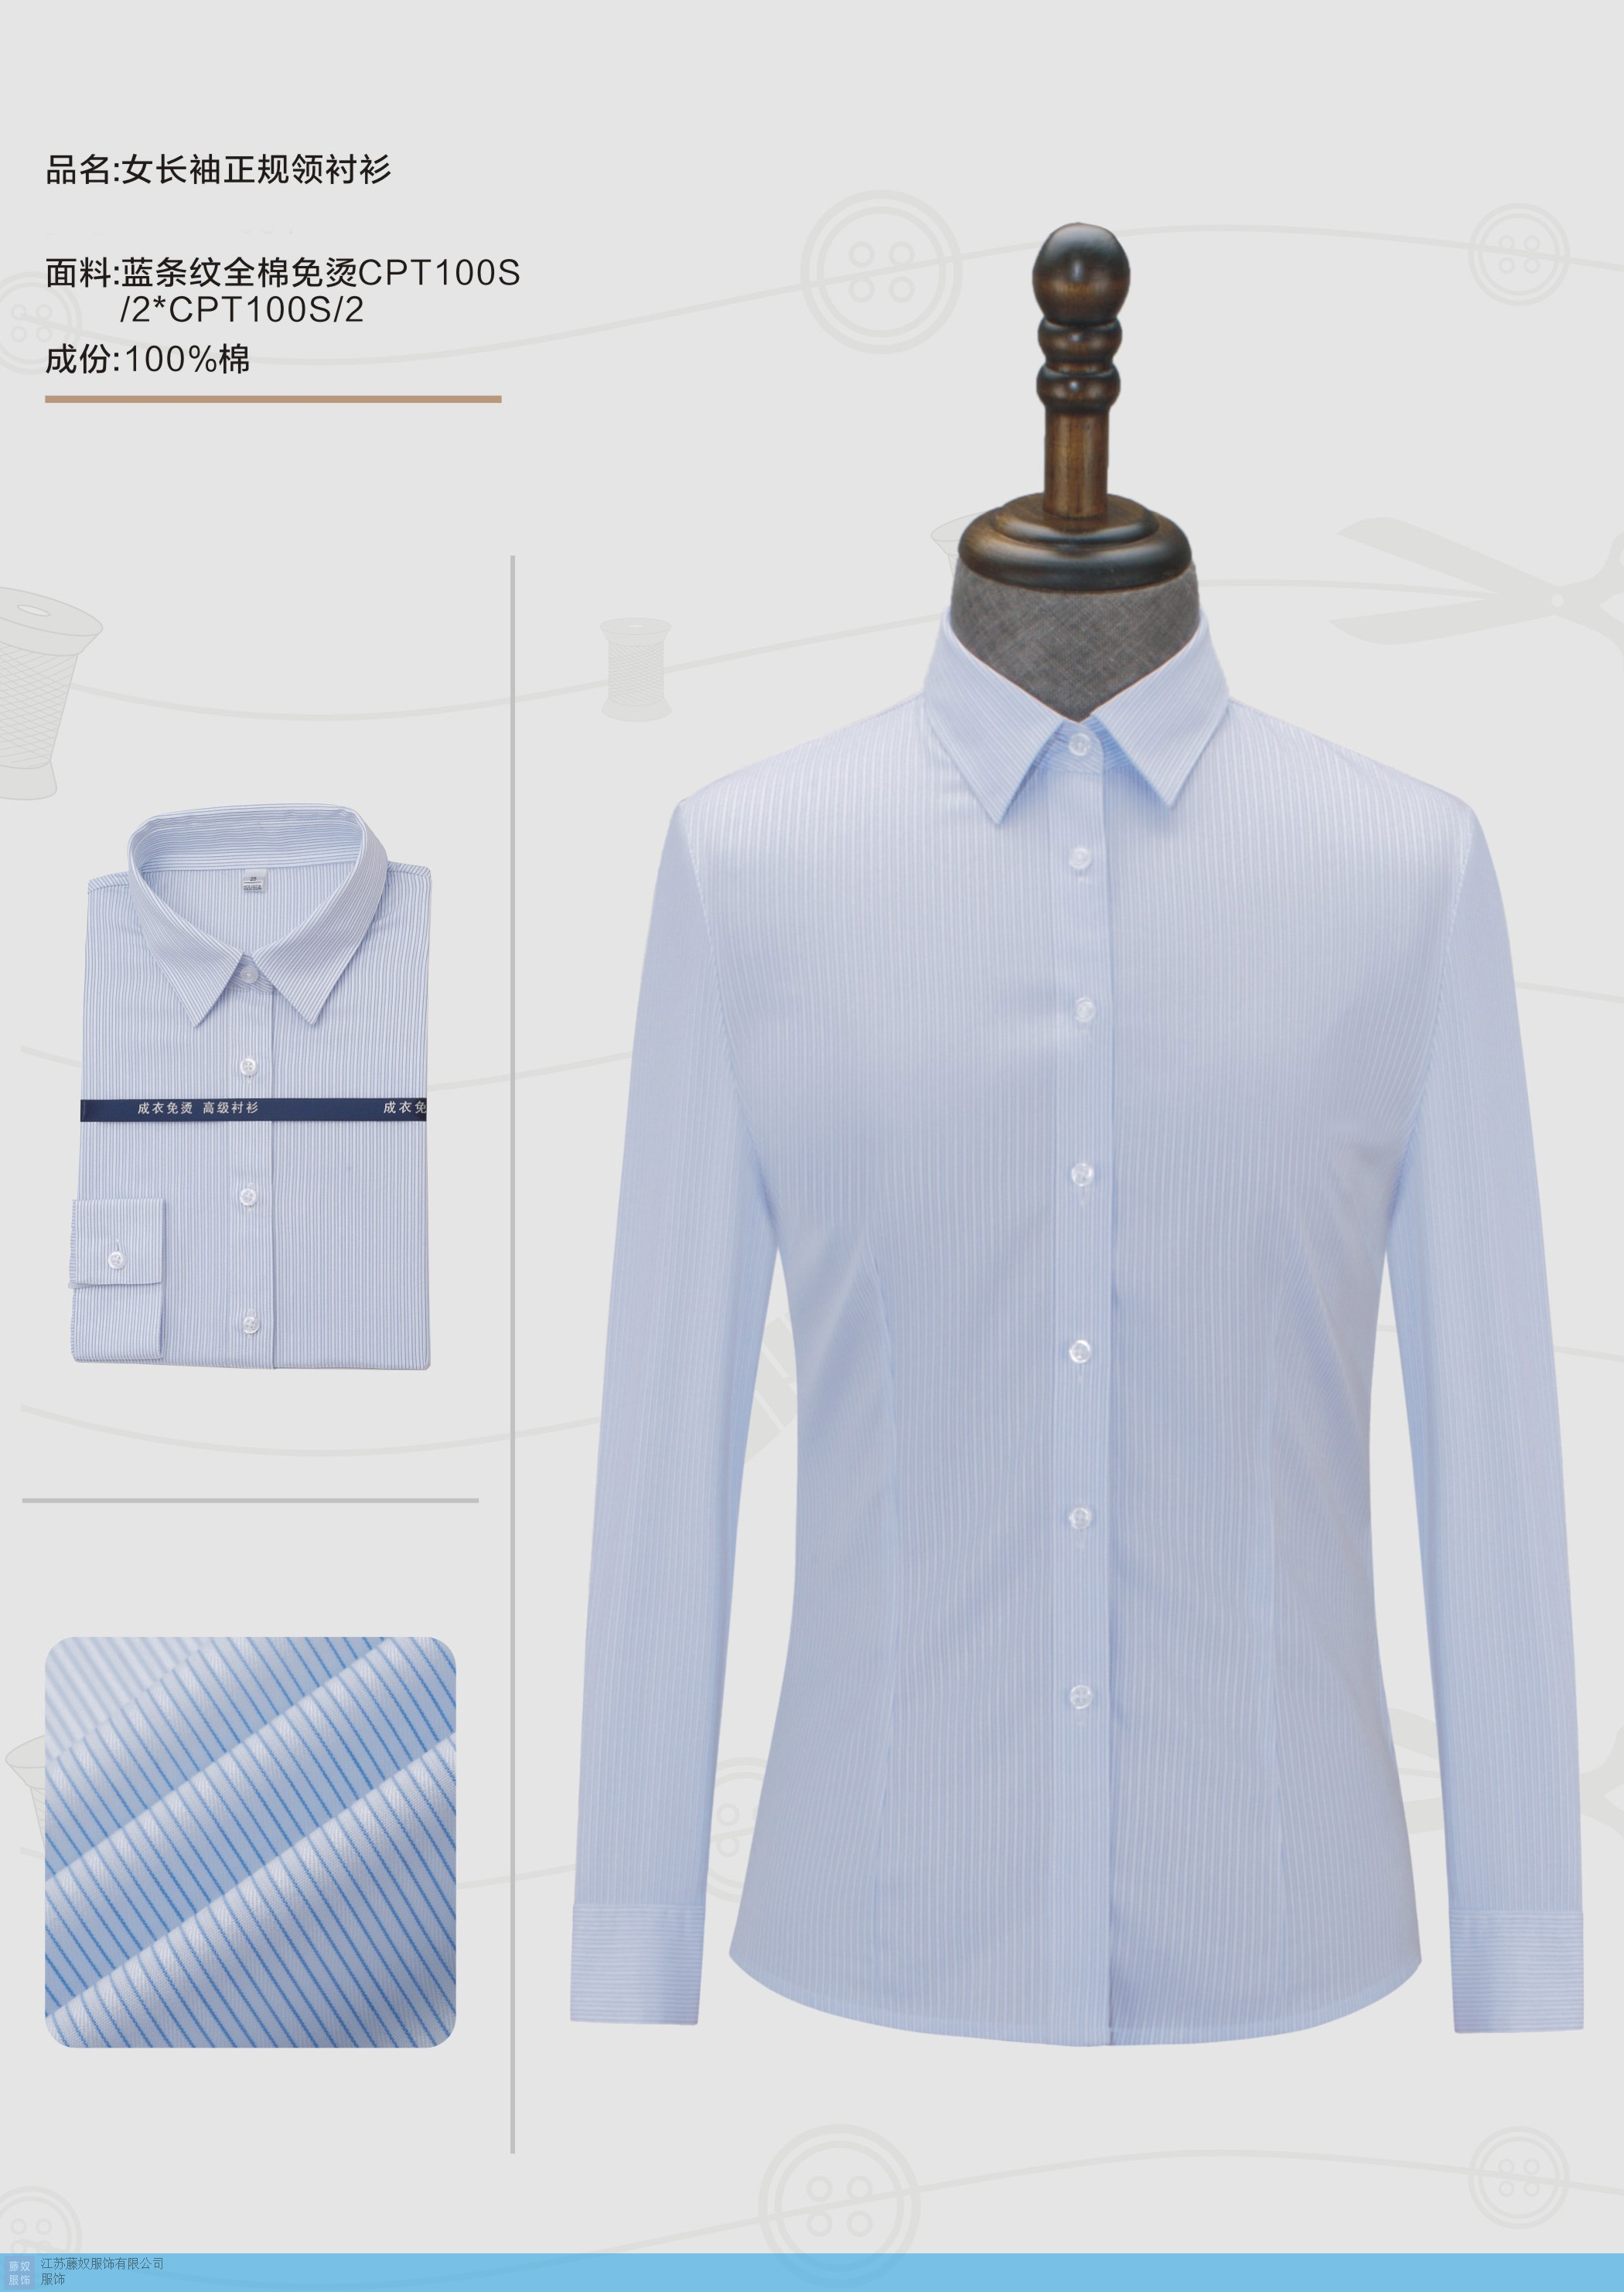 滁州定制衬衫生产厂家 服务为先「江苏藤奴服饰供应」